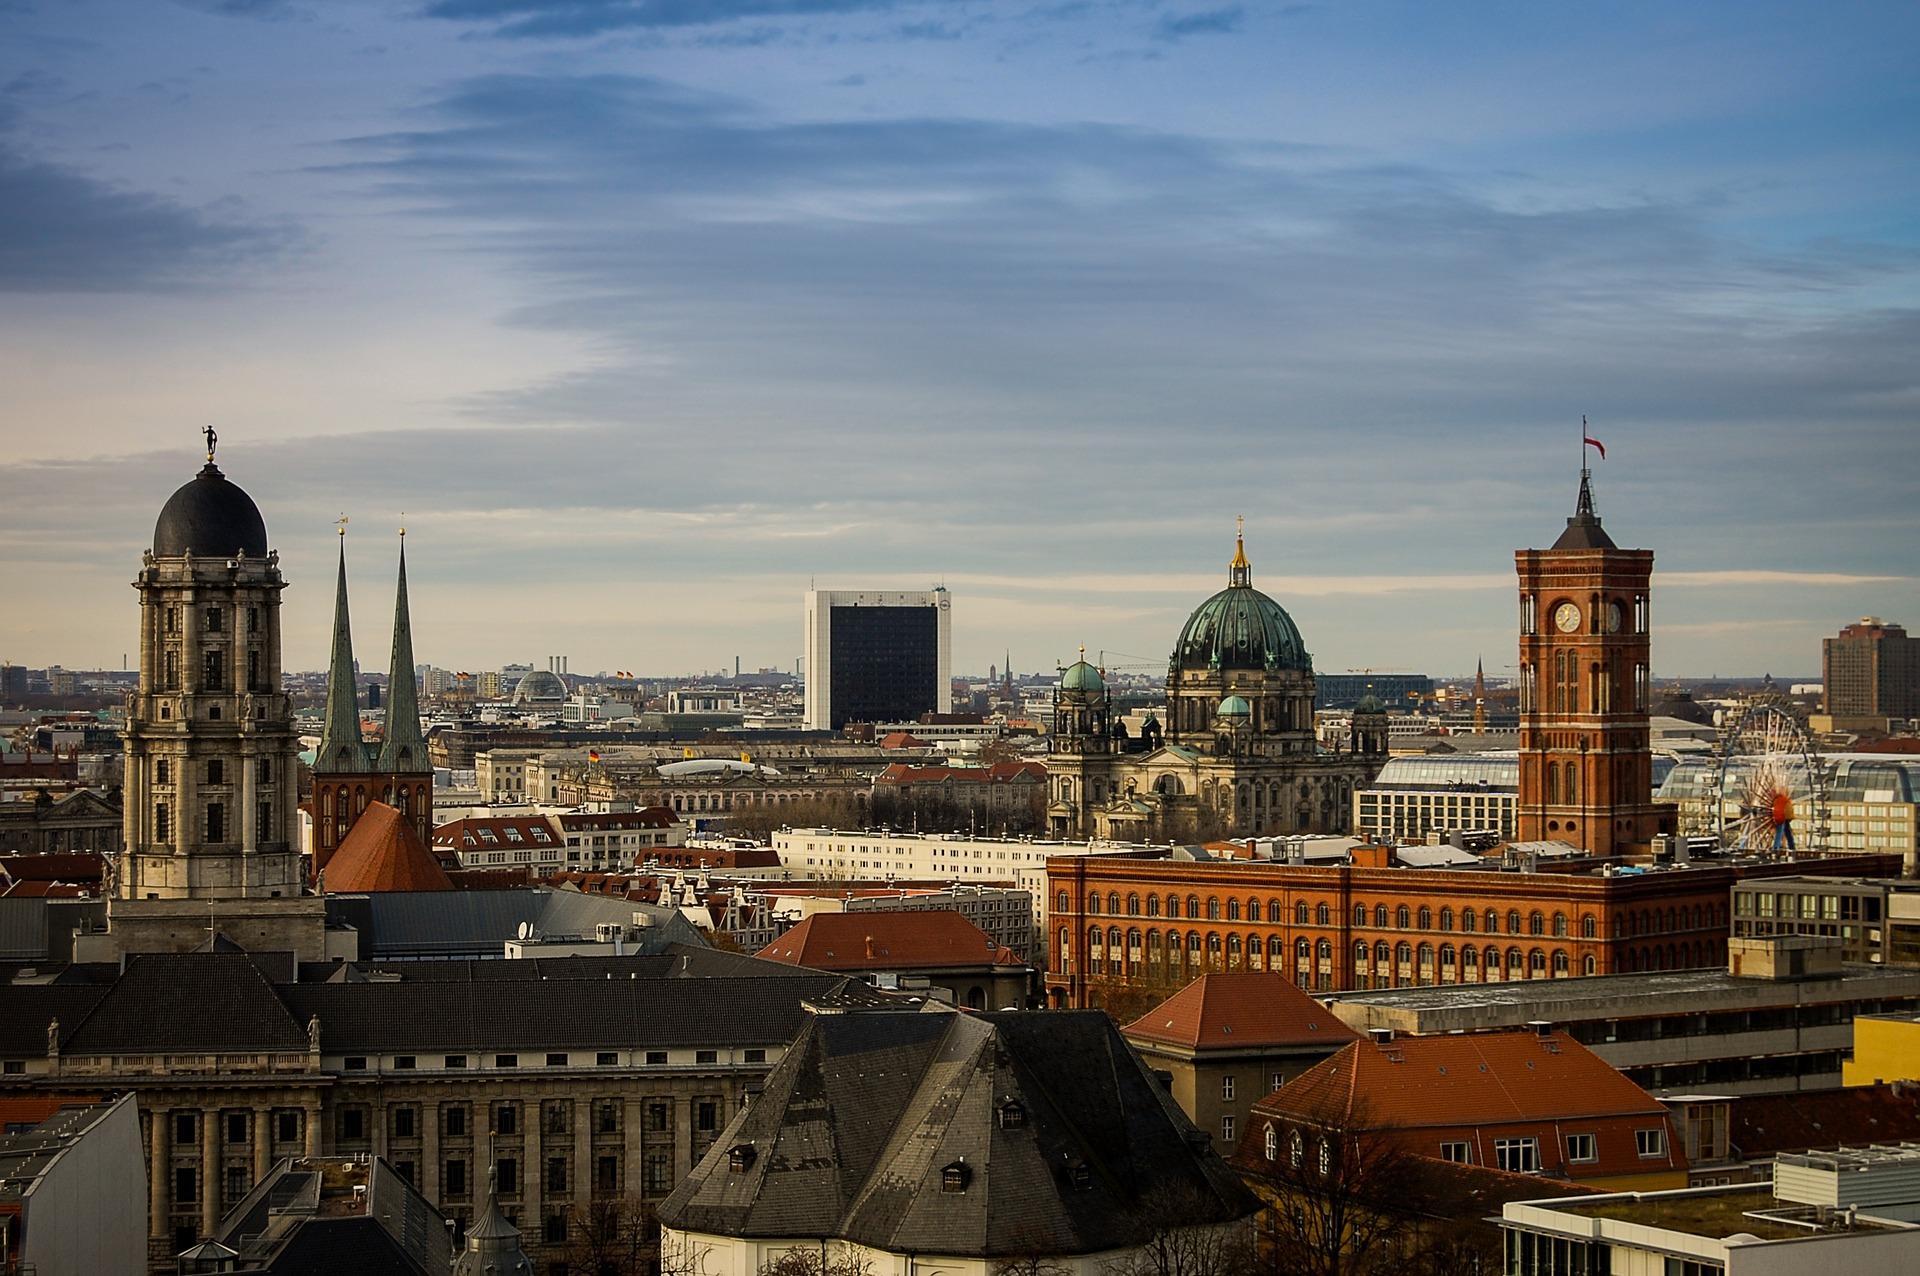 Berlin Mitte Immobilienmarkt - Statistik, Preis und Makler finden